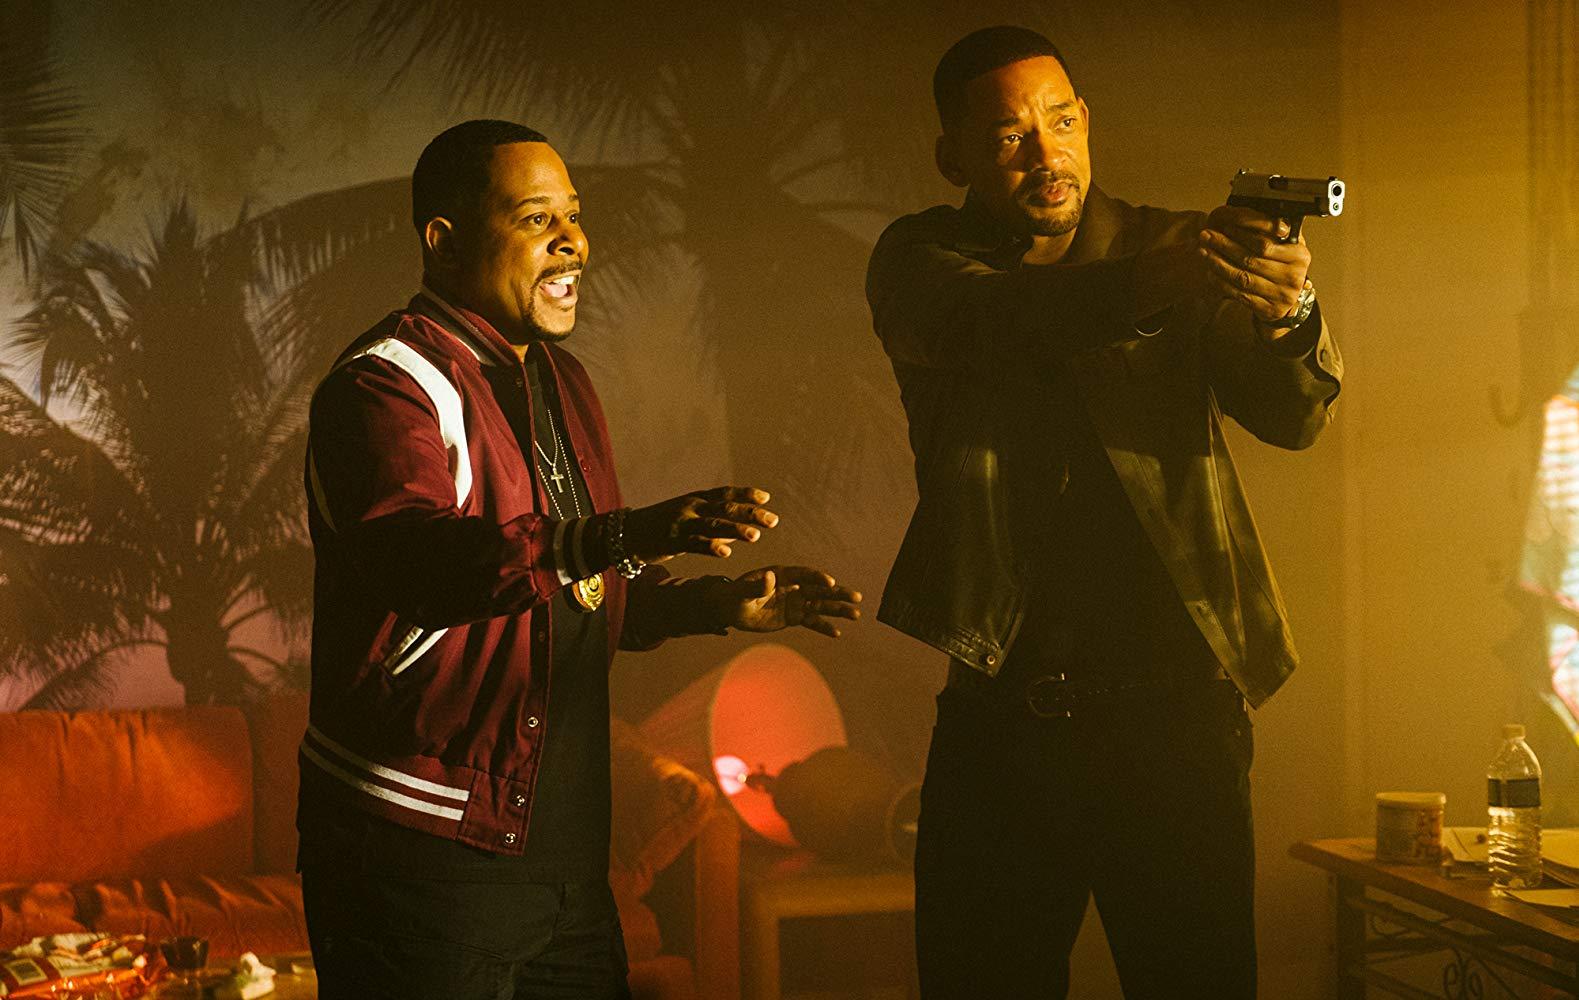 영화 나쁜녀석들포에버 모두가 기다리는 영화의 관전 포인트 4가지